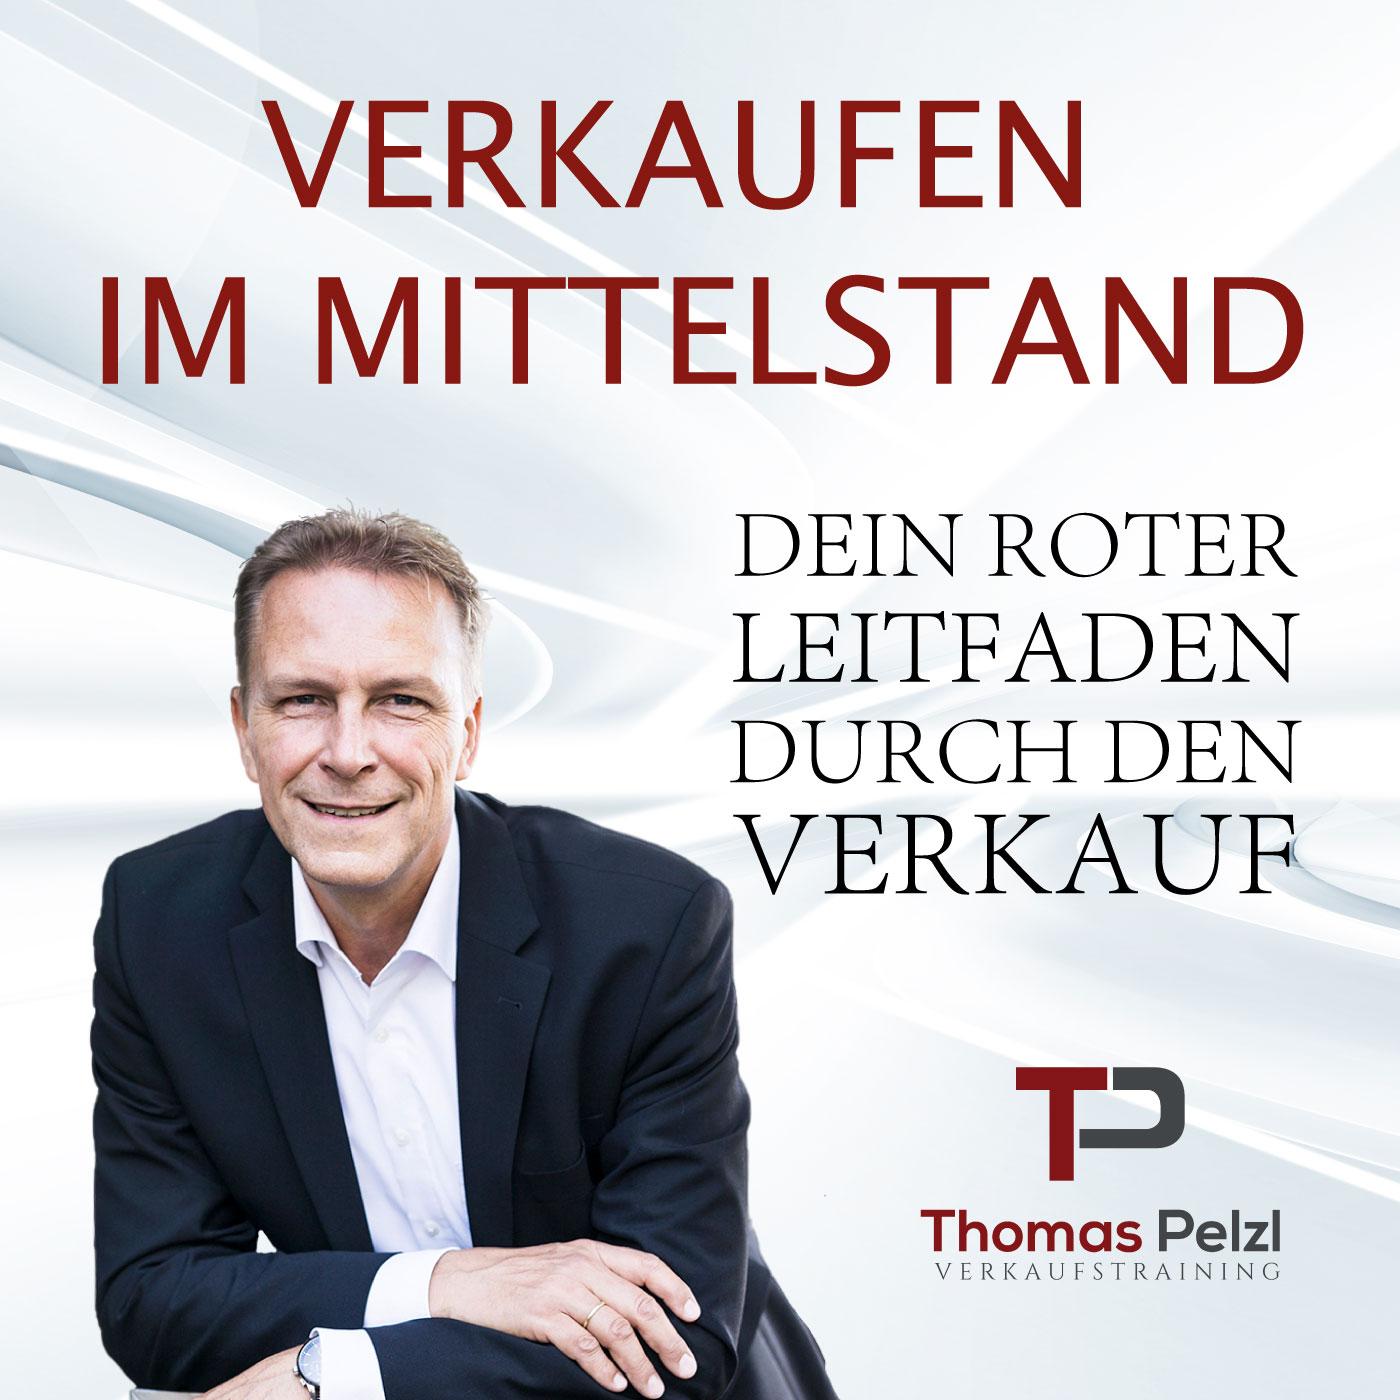 Artwork for podcast Verkaufen im Mittelstand